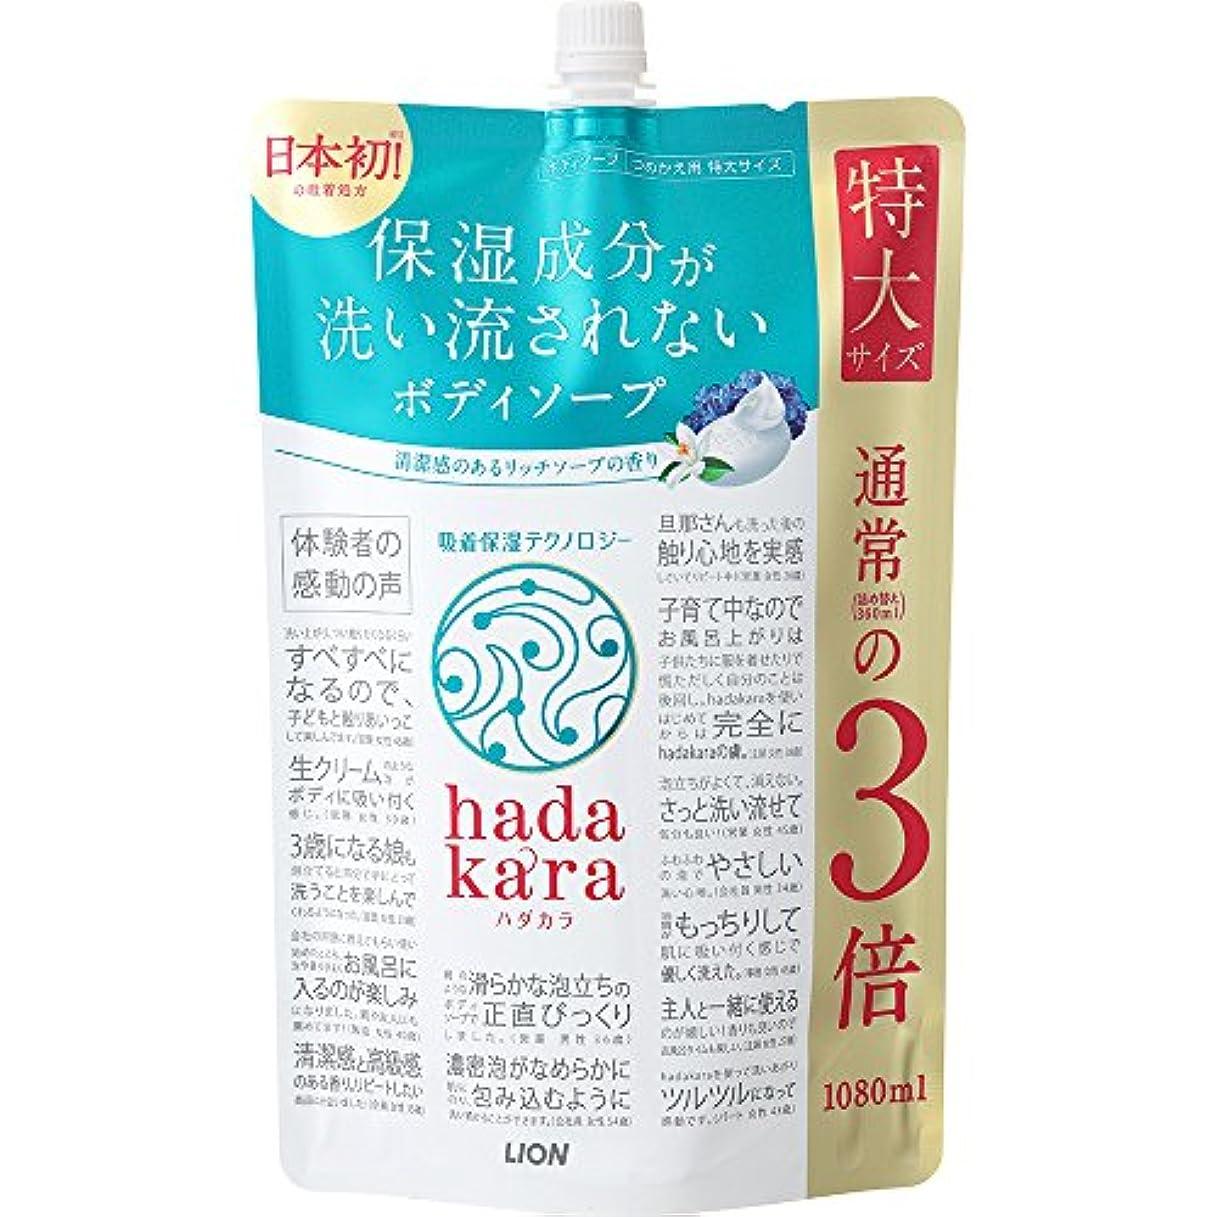 献身カナダ忘れっぽい【大容量】hadakara(ハダカラ) ボディソープ リッチソープの香り 詰め替え 特大 1080ml